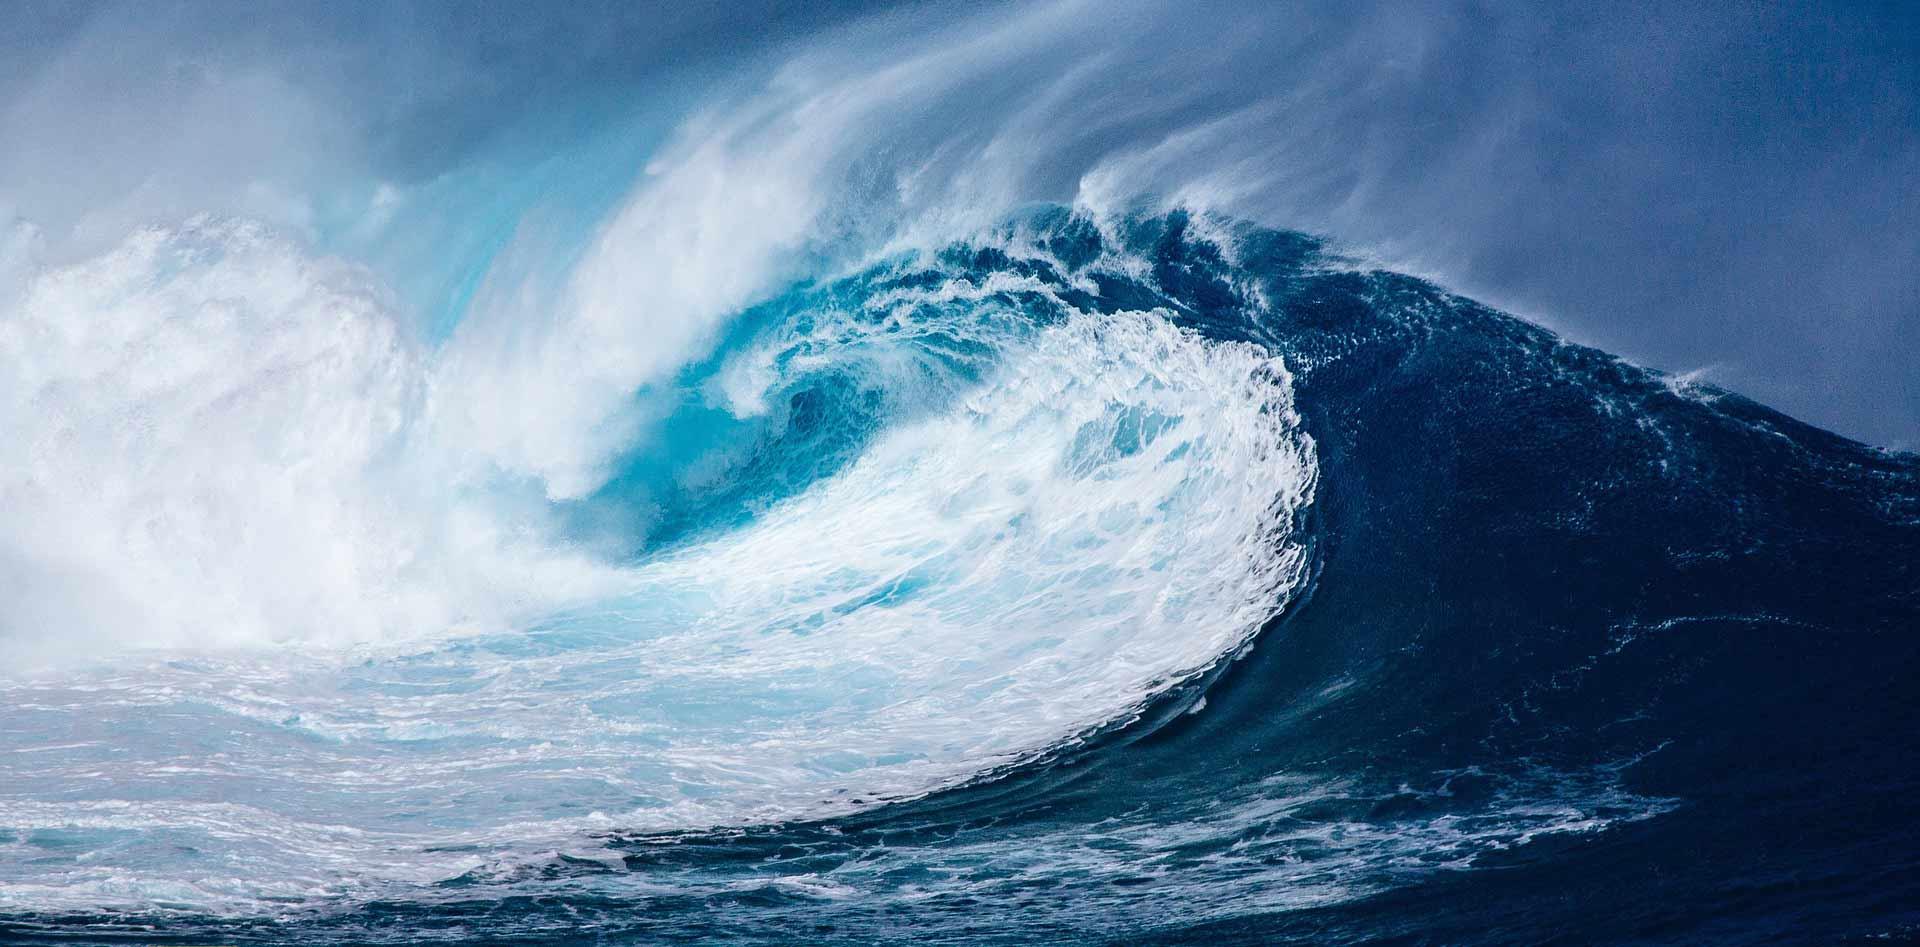 Die perfekte Welle, Pazifik